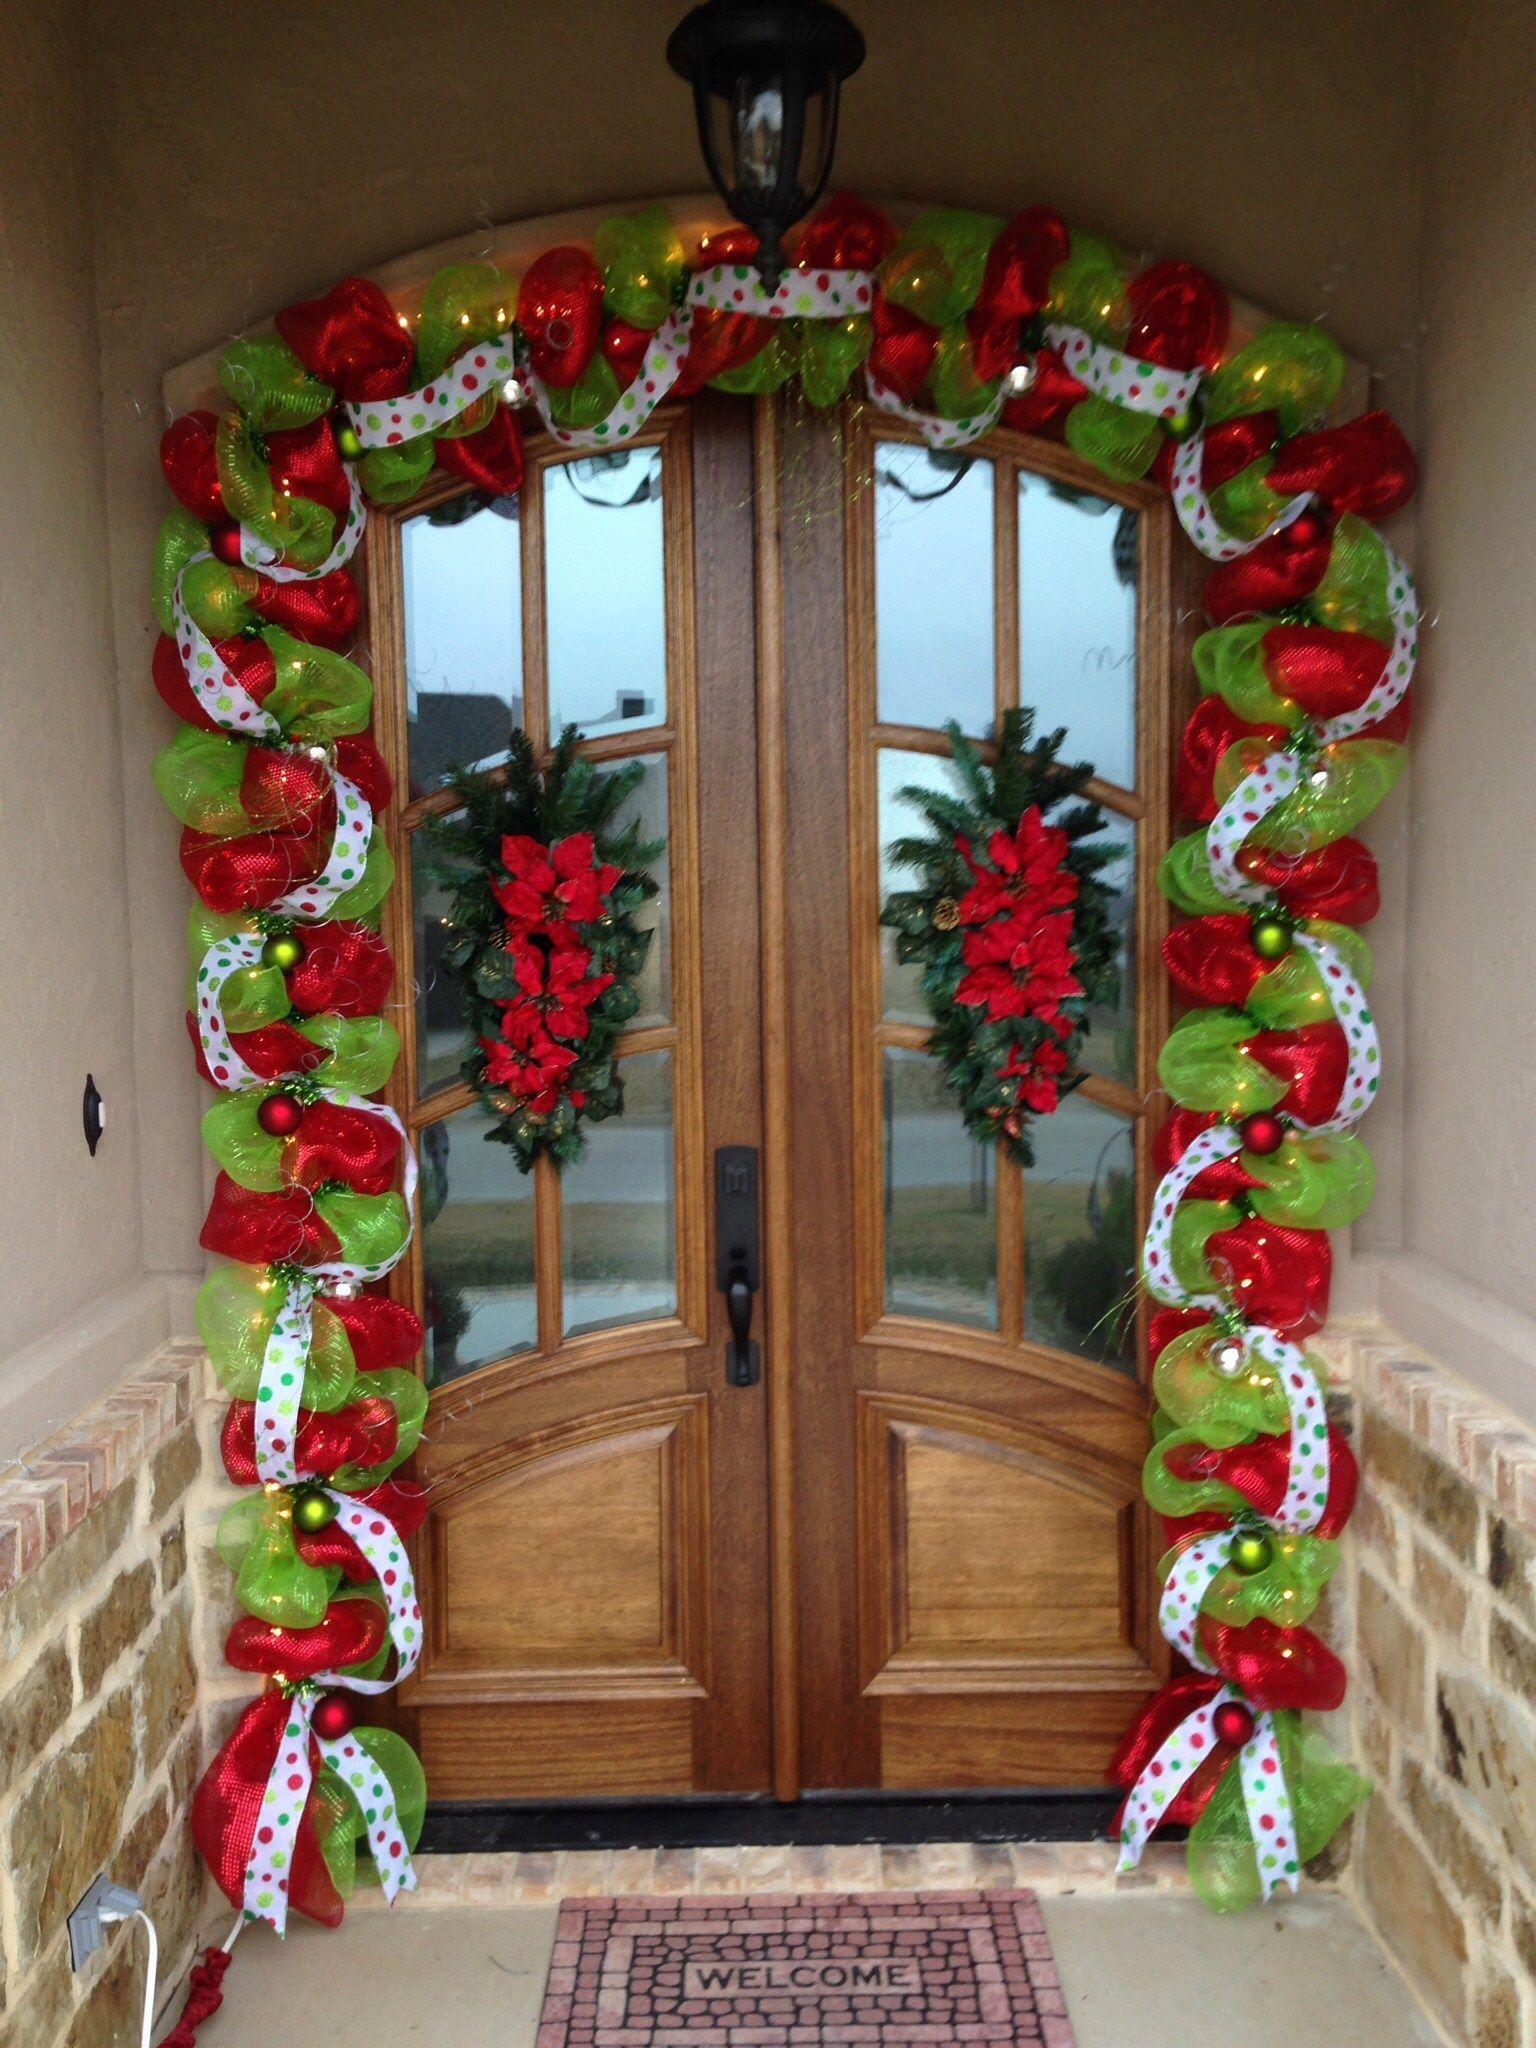 Decora la puerta de tu casa con guirnalda de malla - Adornos navidenos para puertas ...